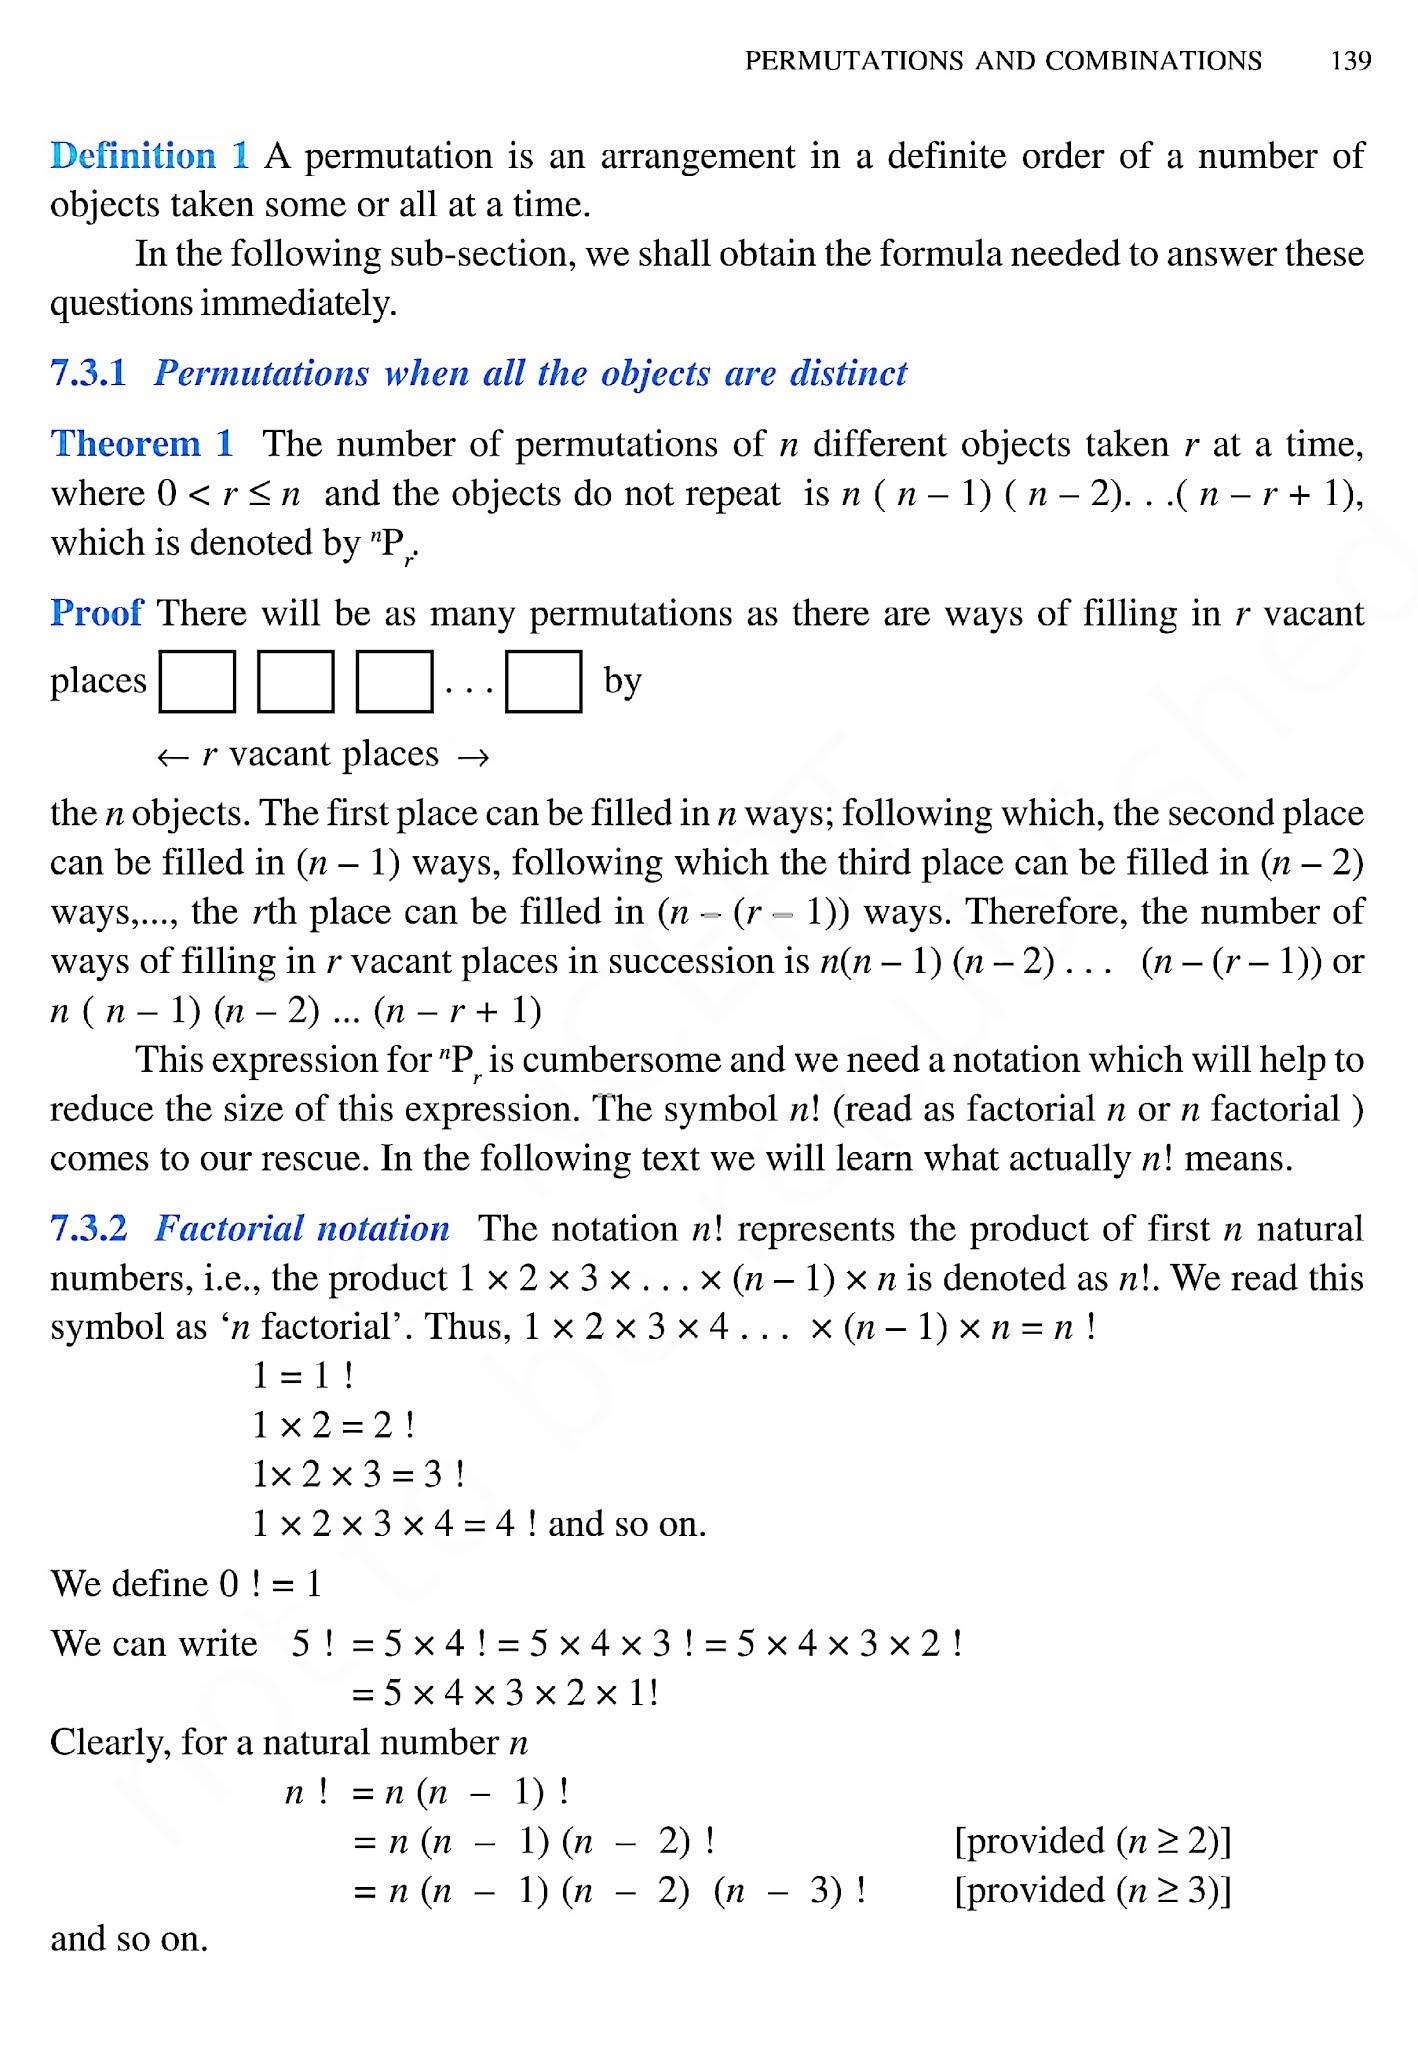 Class 11 Maths Chapter 7 Text Book - English Medium,  11th Maths book in hindi,11th Maths notes in hindi,cbse books for class  11,cbse books in hindi,cbse ncert books,class  11  Maths notes in hindi,class  11 hindi ncert solutions, Maths 2020, Maths 2021, Maths 2022, Maths book class  11, Maths book in hindi, Maths class  11 in hindi, Maths notes for class  11 up board in hindi,ncert all books,ncert app in hindi,ncert book solution,ncert books class 10,ncert books class  11,ncert books for class 7,ncert books for upsc in hindi,ncert books in hindi class 10,ncert books in hindi for class  11  Maths,ncert books in hindi for class 6,ncert books in hindi pdf,ncert class  11 hindi book,ncert english book,ncert  Maths book in hindi,ncert  Maths books in hindi pdf,ncert  Maths class  11,ncert in hindi,old ncert books in hindi,online ncert books in hindi,up board  11th,up board  11th syllabus,up board class 10 hindi book,up board class  11 books,up board class  11 new syllabus,up Board  Maths 2020,up Board  Maths 2021,up Board  Maths 2022,up Board  Maths 2023,up board intermediate  Maths syllabus,up board intermediate syllabus 2021,Up board Master 2021,up board model paper 2021,up board model paper all subject,up board new syllabus of class 11th Maths,up board paper 2021,Up board syllabus 2021,UP board syllabus 2022,   11 वीं मैथ्स पुस्तक हिंदी में,  11 वीं मैथ्स नोट्स हिंदी में, कक्षा  11 के लिए सीबीएससी पुस्तकें, हिंदी में सीबीएससी पुस्तकें, सीबीएससी  पुस्तकें, कक्षा  11 मैथ्स नोट्स हिंदी में, कक्षा  11 हिंदी एनसीईआरटी समाधान, मैथ्स 2020, मैथ्स 2021, मैथ्स 2022, मैथ्स  बुक क्लास  11, मैथ्स बुक इन हिंदी, बायोलॉजी क्लास  11 हिंदी में, मैथ्स नोट्स इन क्लास  11 यूपी  बोर्ड इन हिंदी, एनसीईआरटी मैथ्स की किताब हिंदी में,  बोर्ड  11 वीं तक,  11 वीं तक की पाठ्यक्रम, बोर्ड कक्षा 10 की हिंदी पुस्तक  , बोर्ड की कक्षा  11 की किताबें, बोर्ड की कक्षा  11 की नई पाठ्यक्रम, बोर्ड मैथ्स 2020, यूपी   बोर्ड मैथ्स 2021, यूपी  बोर्ड मैथ्स 2022, यूपी  बोर्ड मैथ्स 2023, यूपी  बोर्ड इंटरमीडिएट बाय